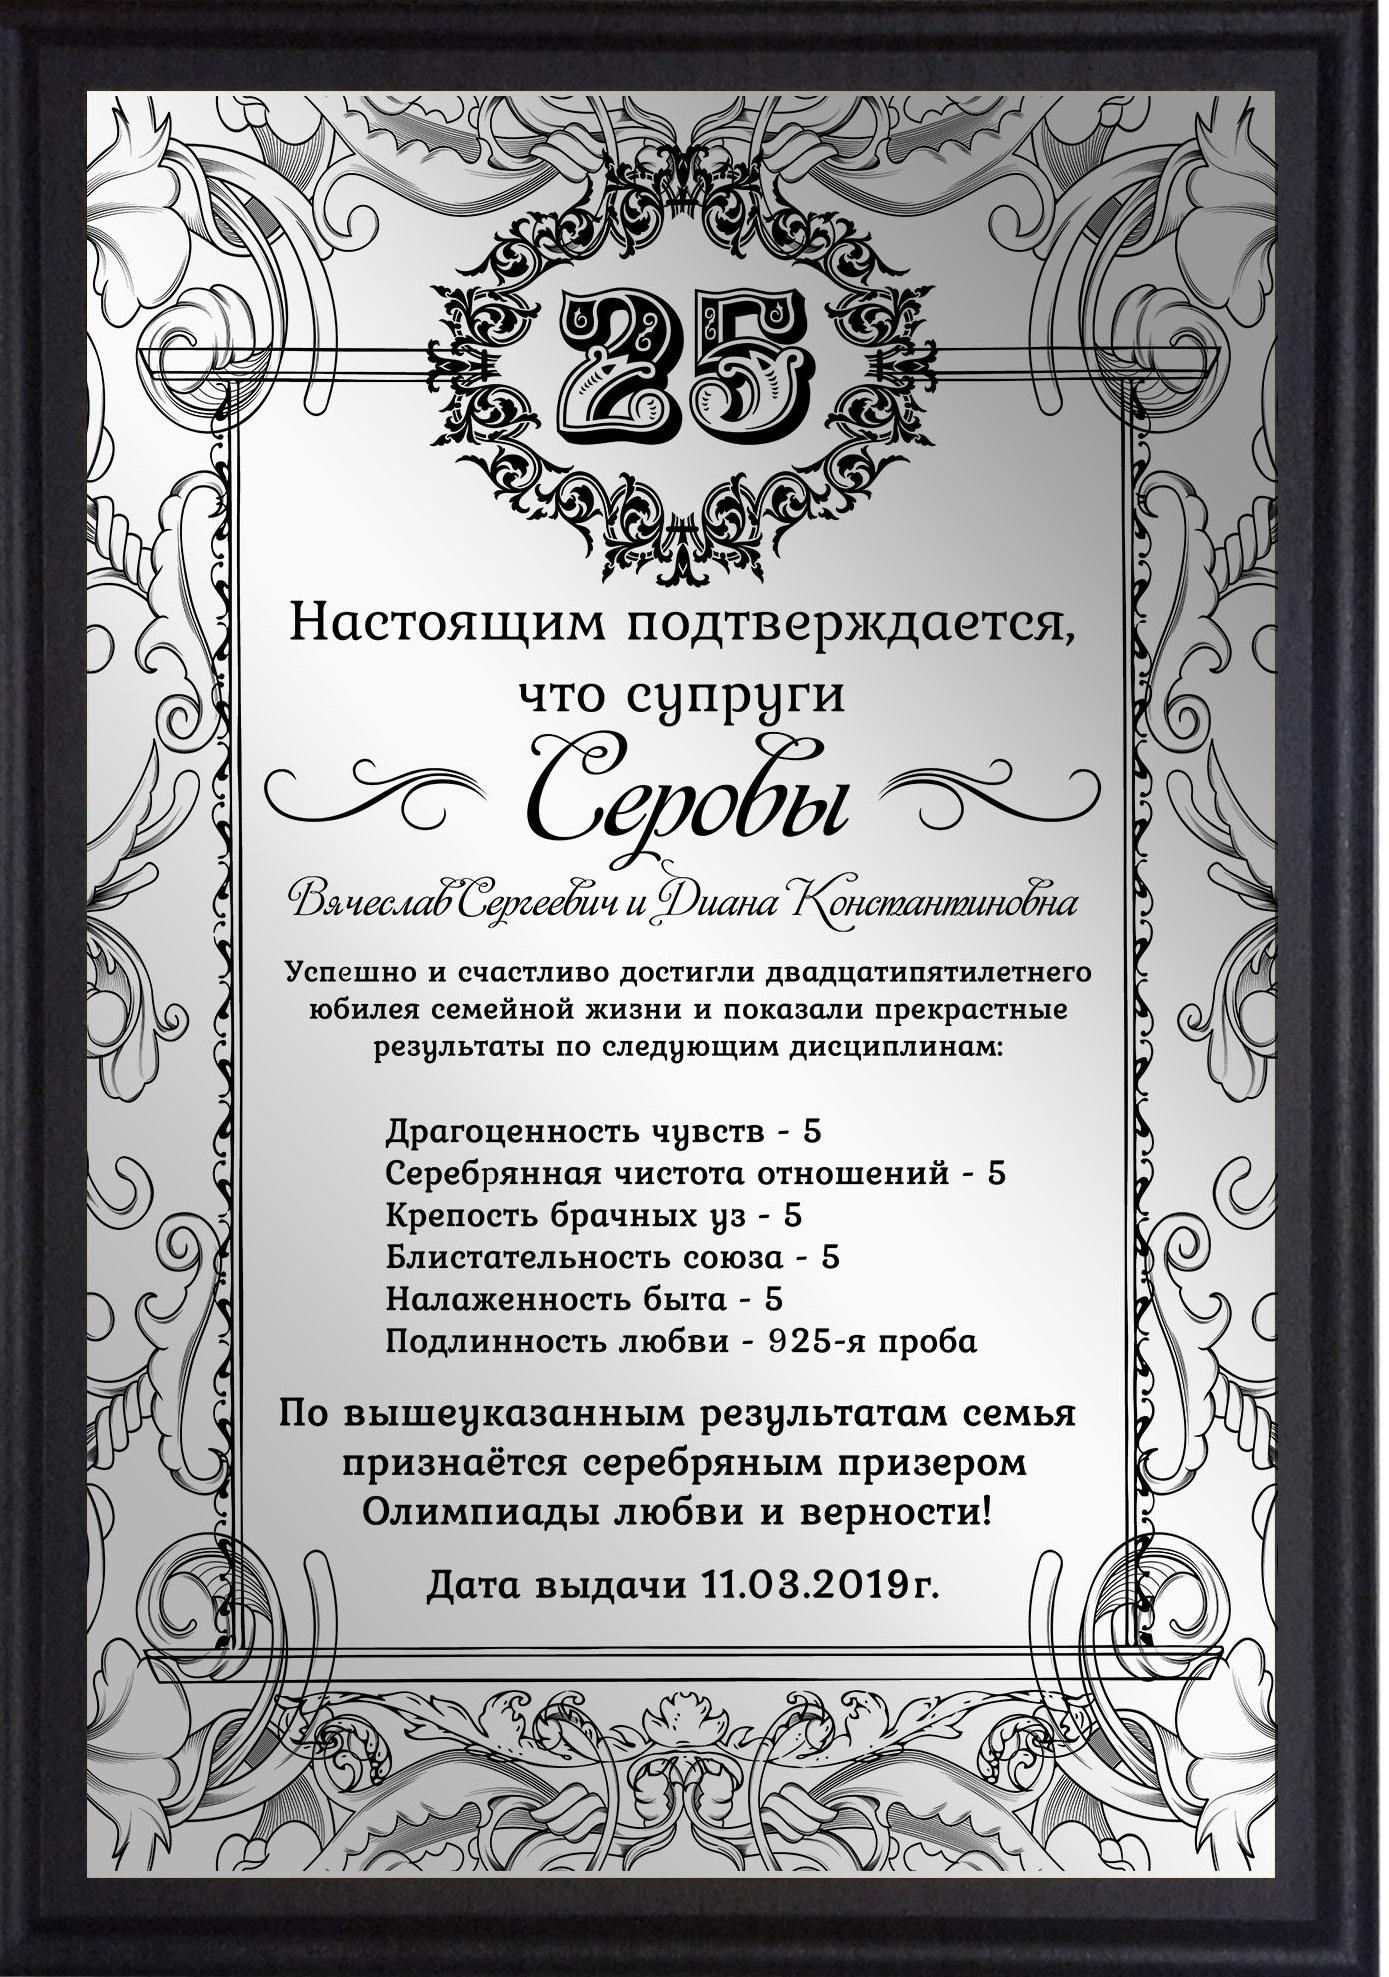 Печать грамот и дипломов для серебрянной свадьбы 25 лет в Москве | фото 6